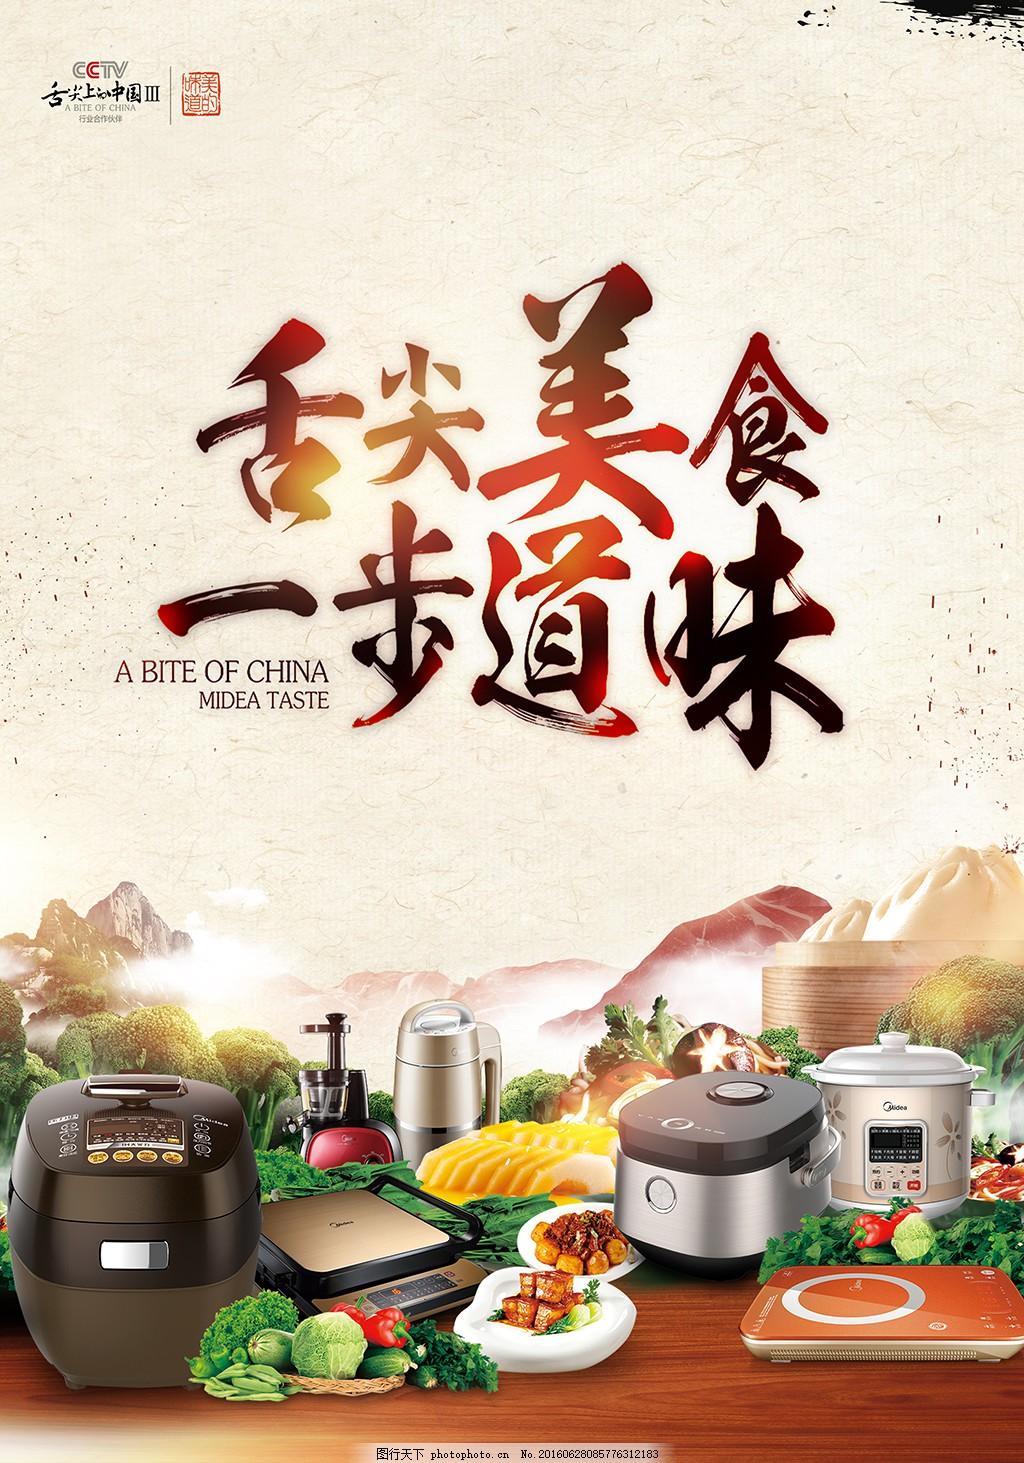 中国风舌尖上的美食海报图片